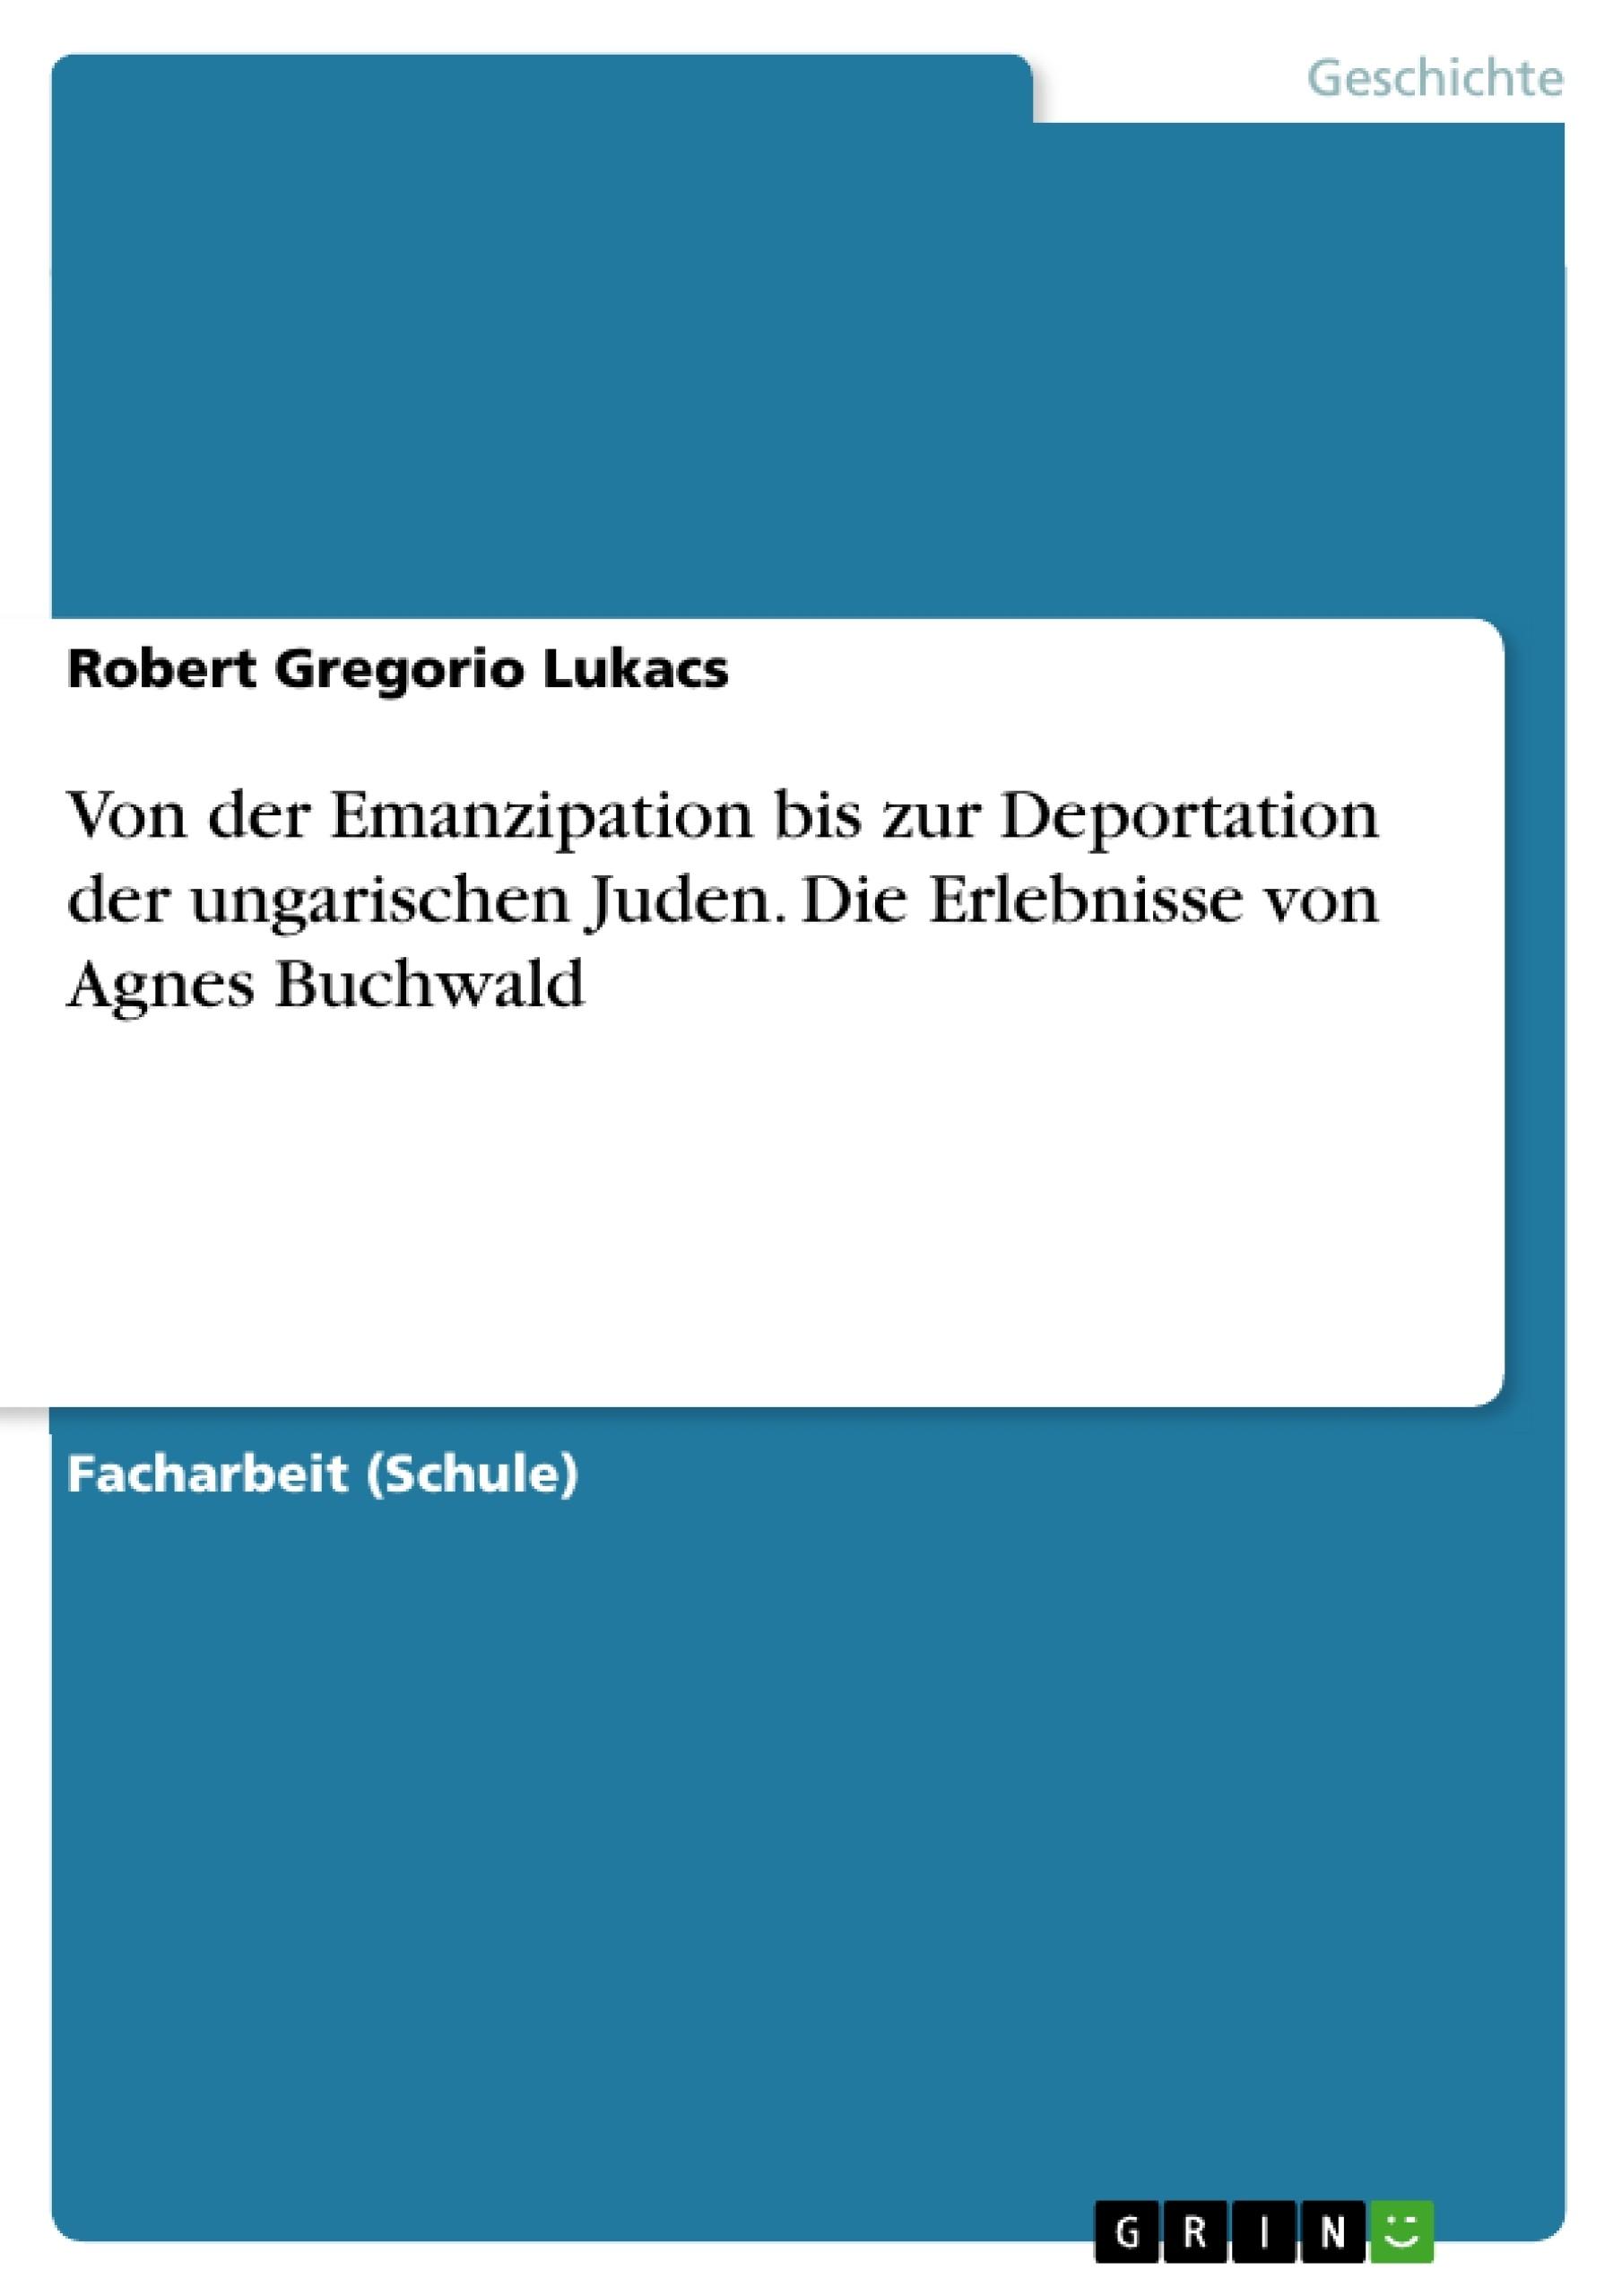 Titel: Von der Emanzipation bis zur Deportation der ungarischen Juden. Die Erlebnisse von Agnes Buchwald